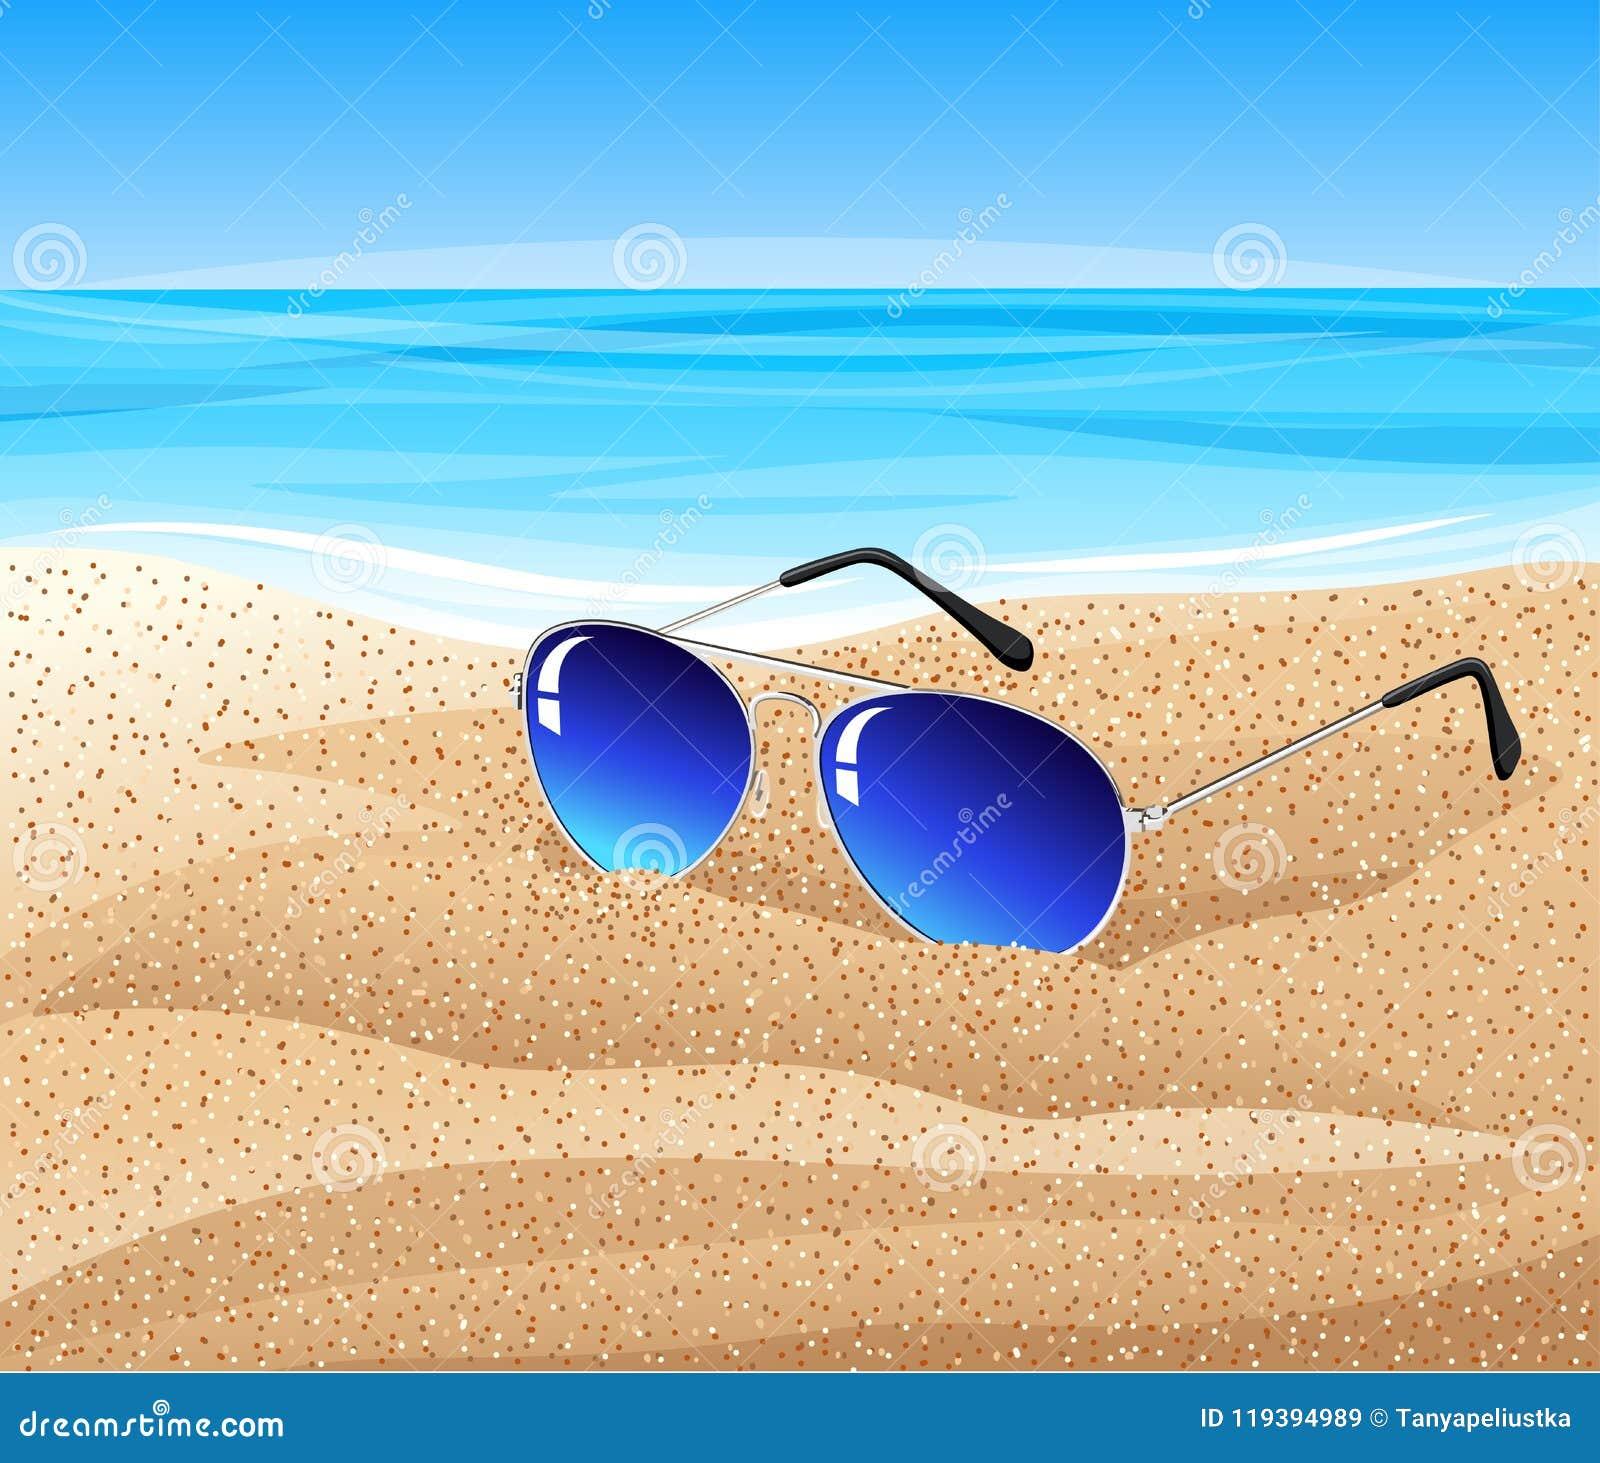 df17b0f44d Vettoriale Da Sulla Illustrazione Occhiali Sole Spiaggia qMSUVLzpG